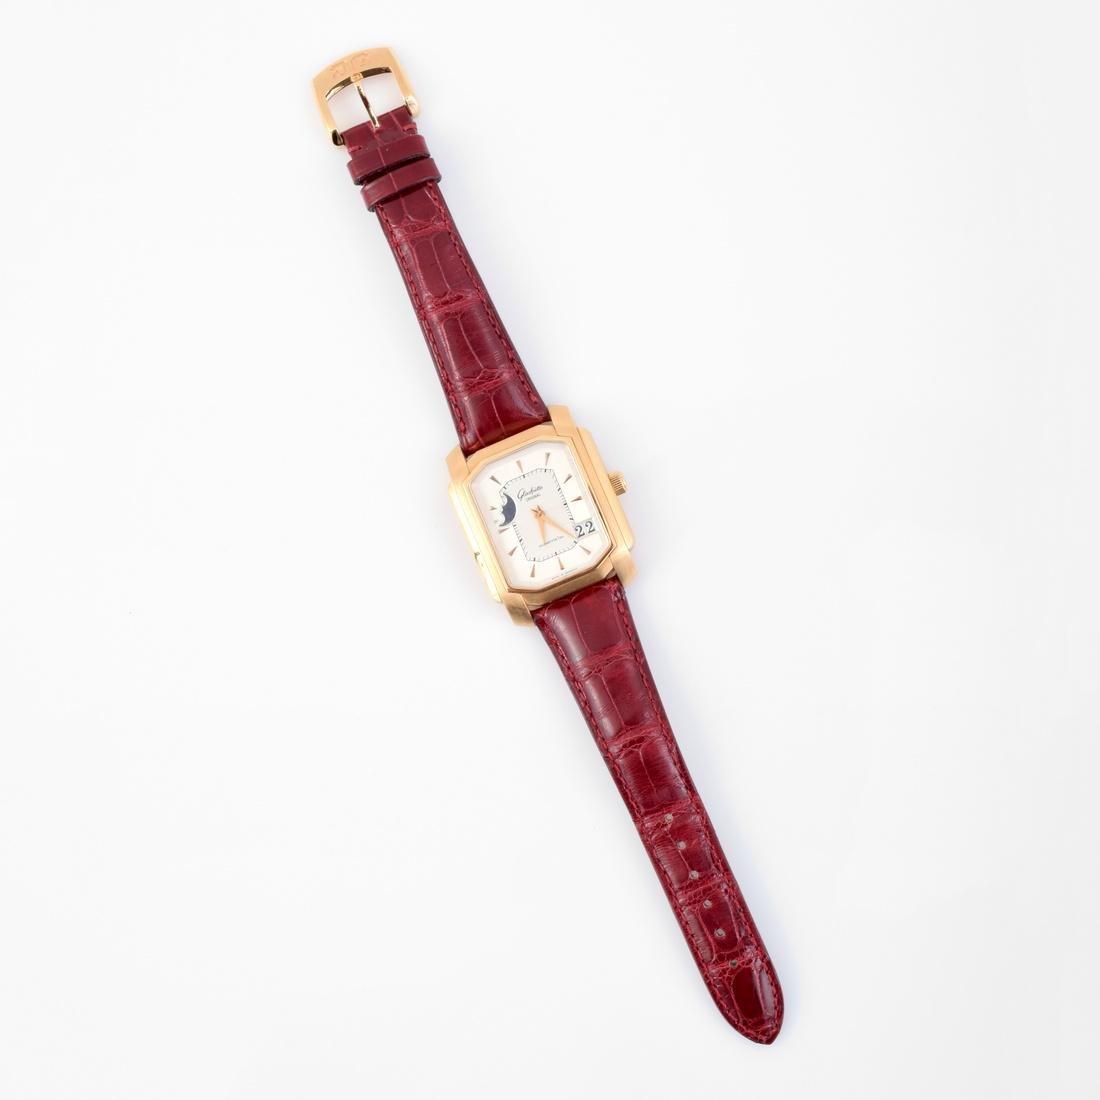 18K Gold Glashutte Men's Vintage Estate Wrist Watch - 6